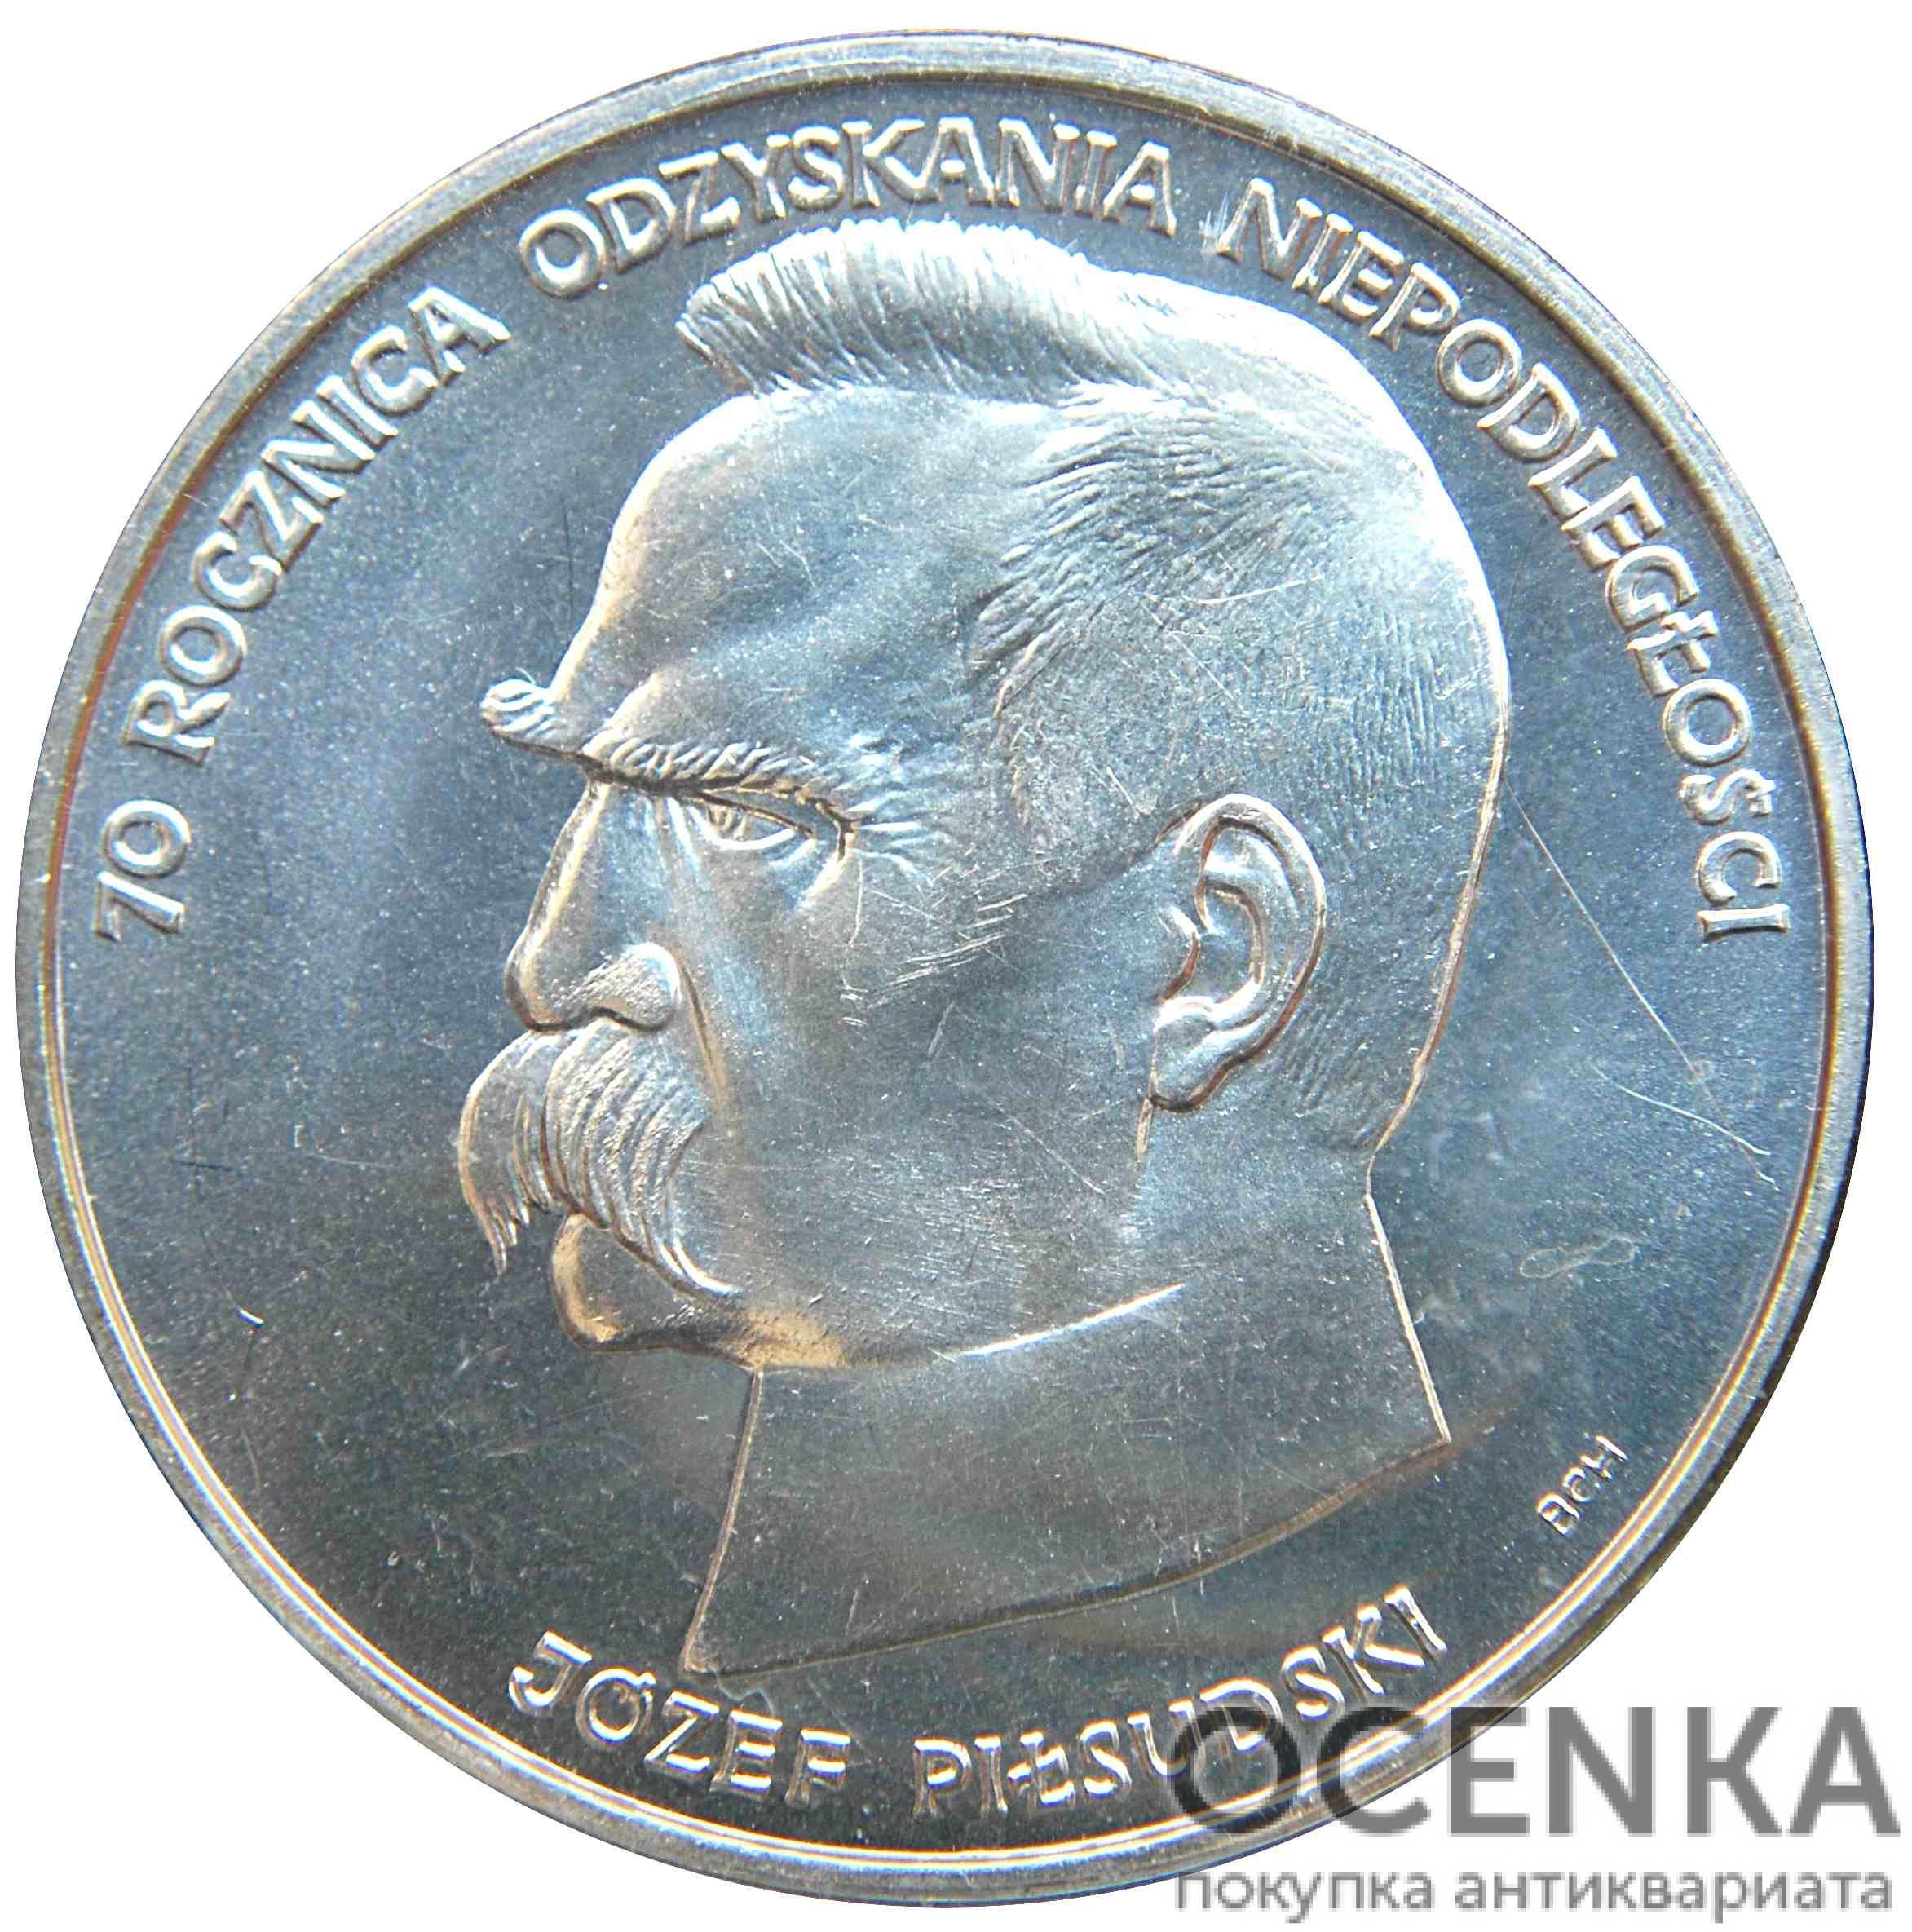 Серебряная монета 50 000 Злотых (50 000 Złotych) Польша - 1